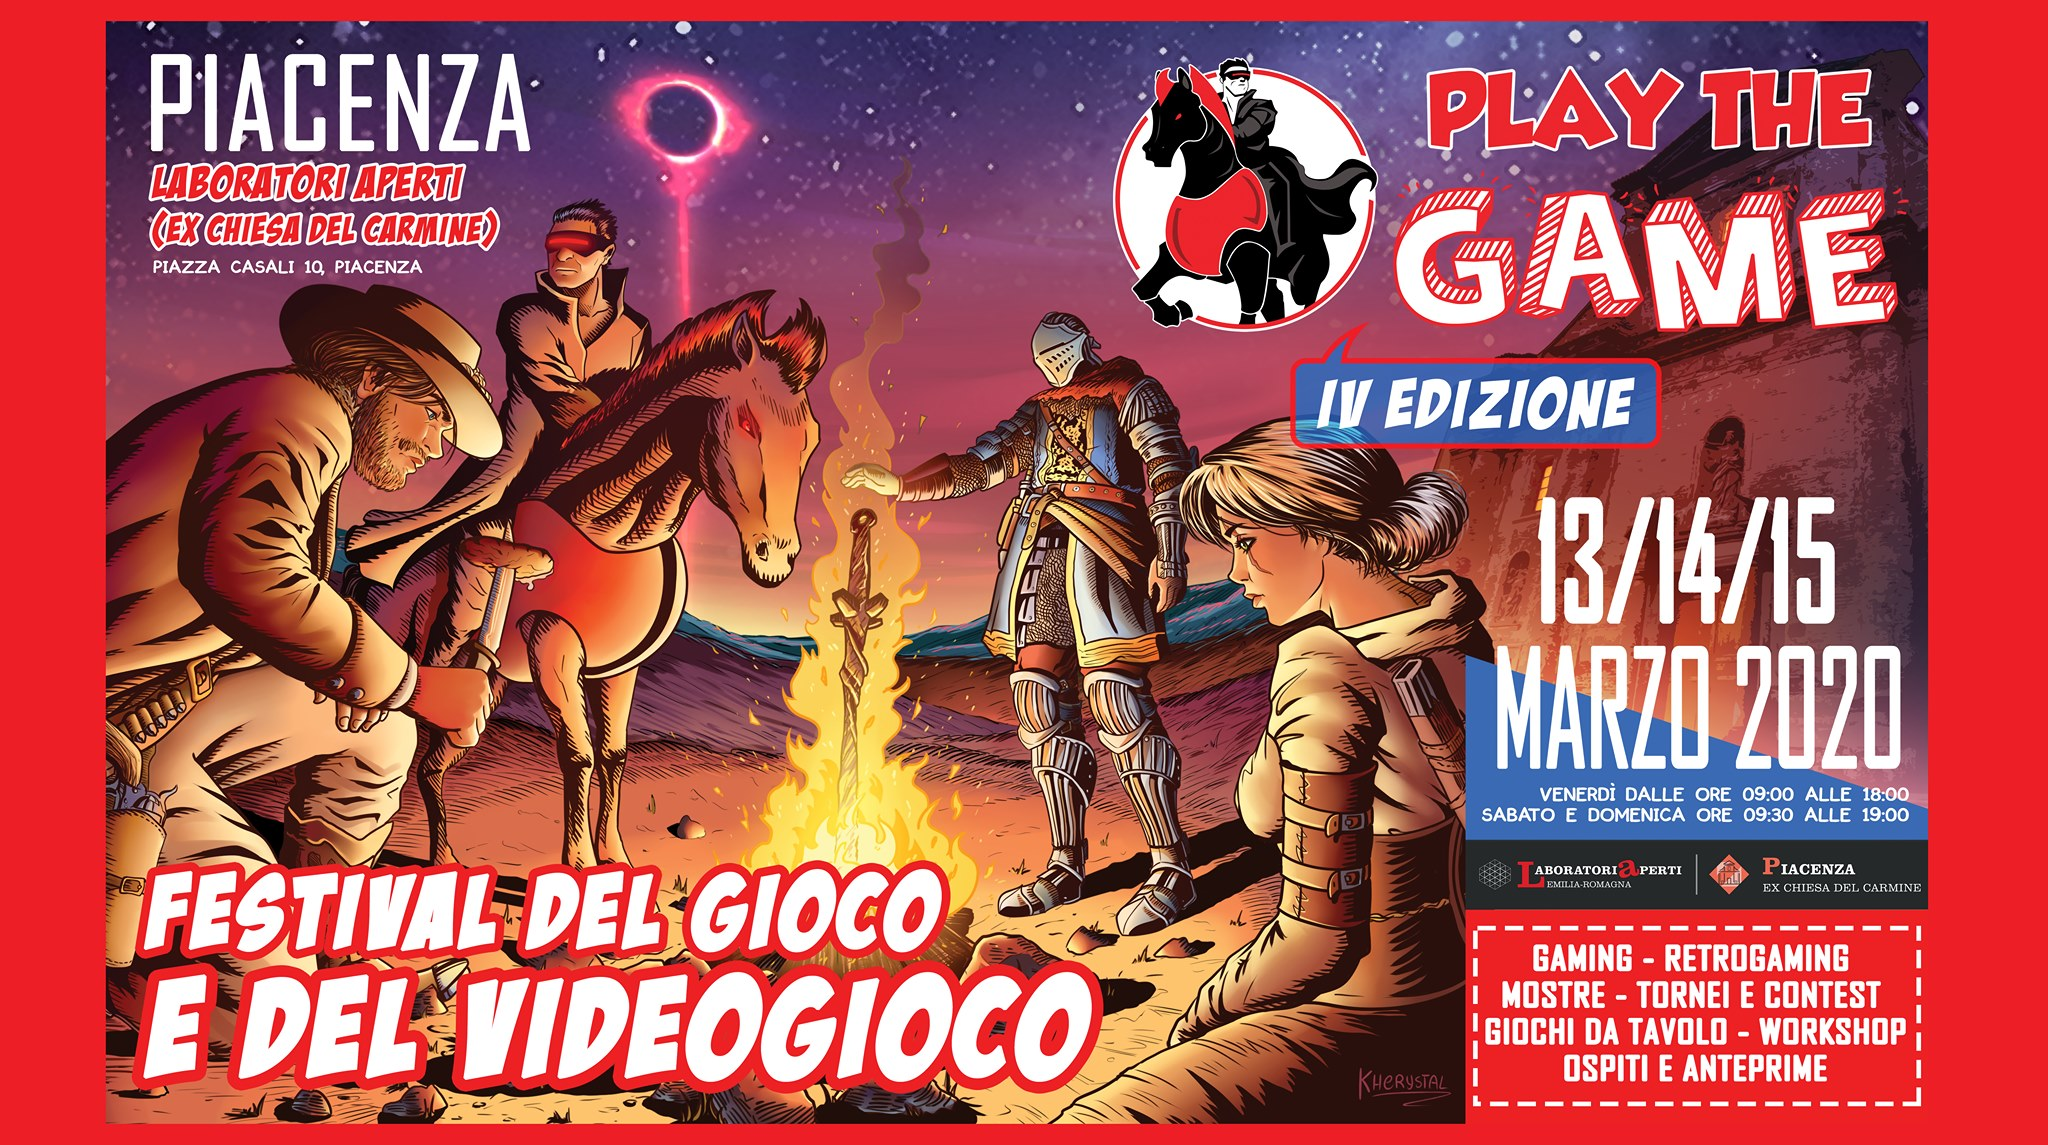 Play the game: festival del gioco e del videogioco